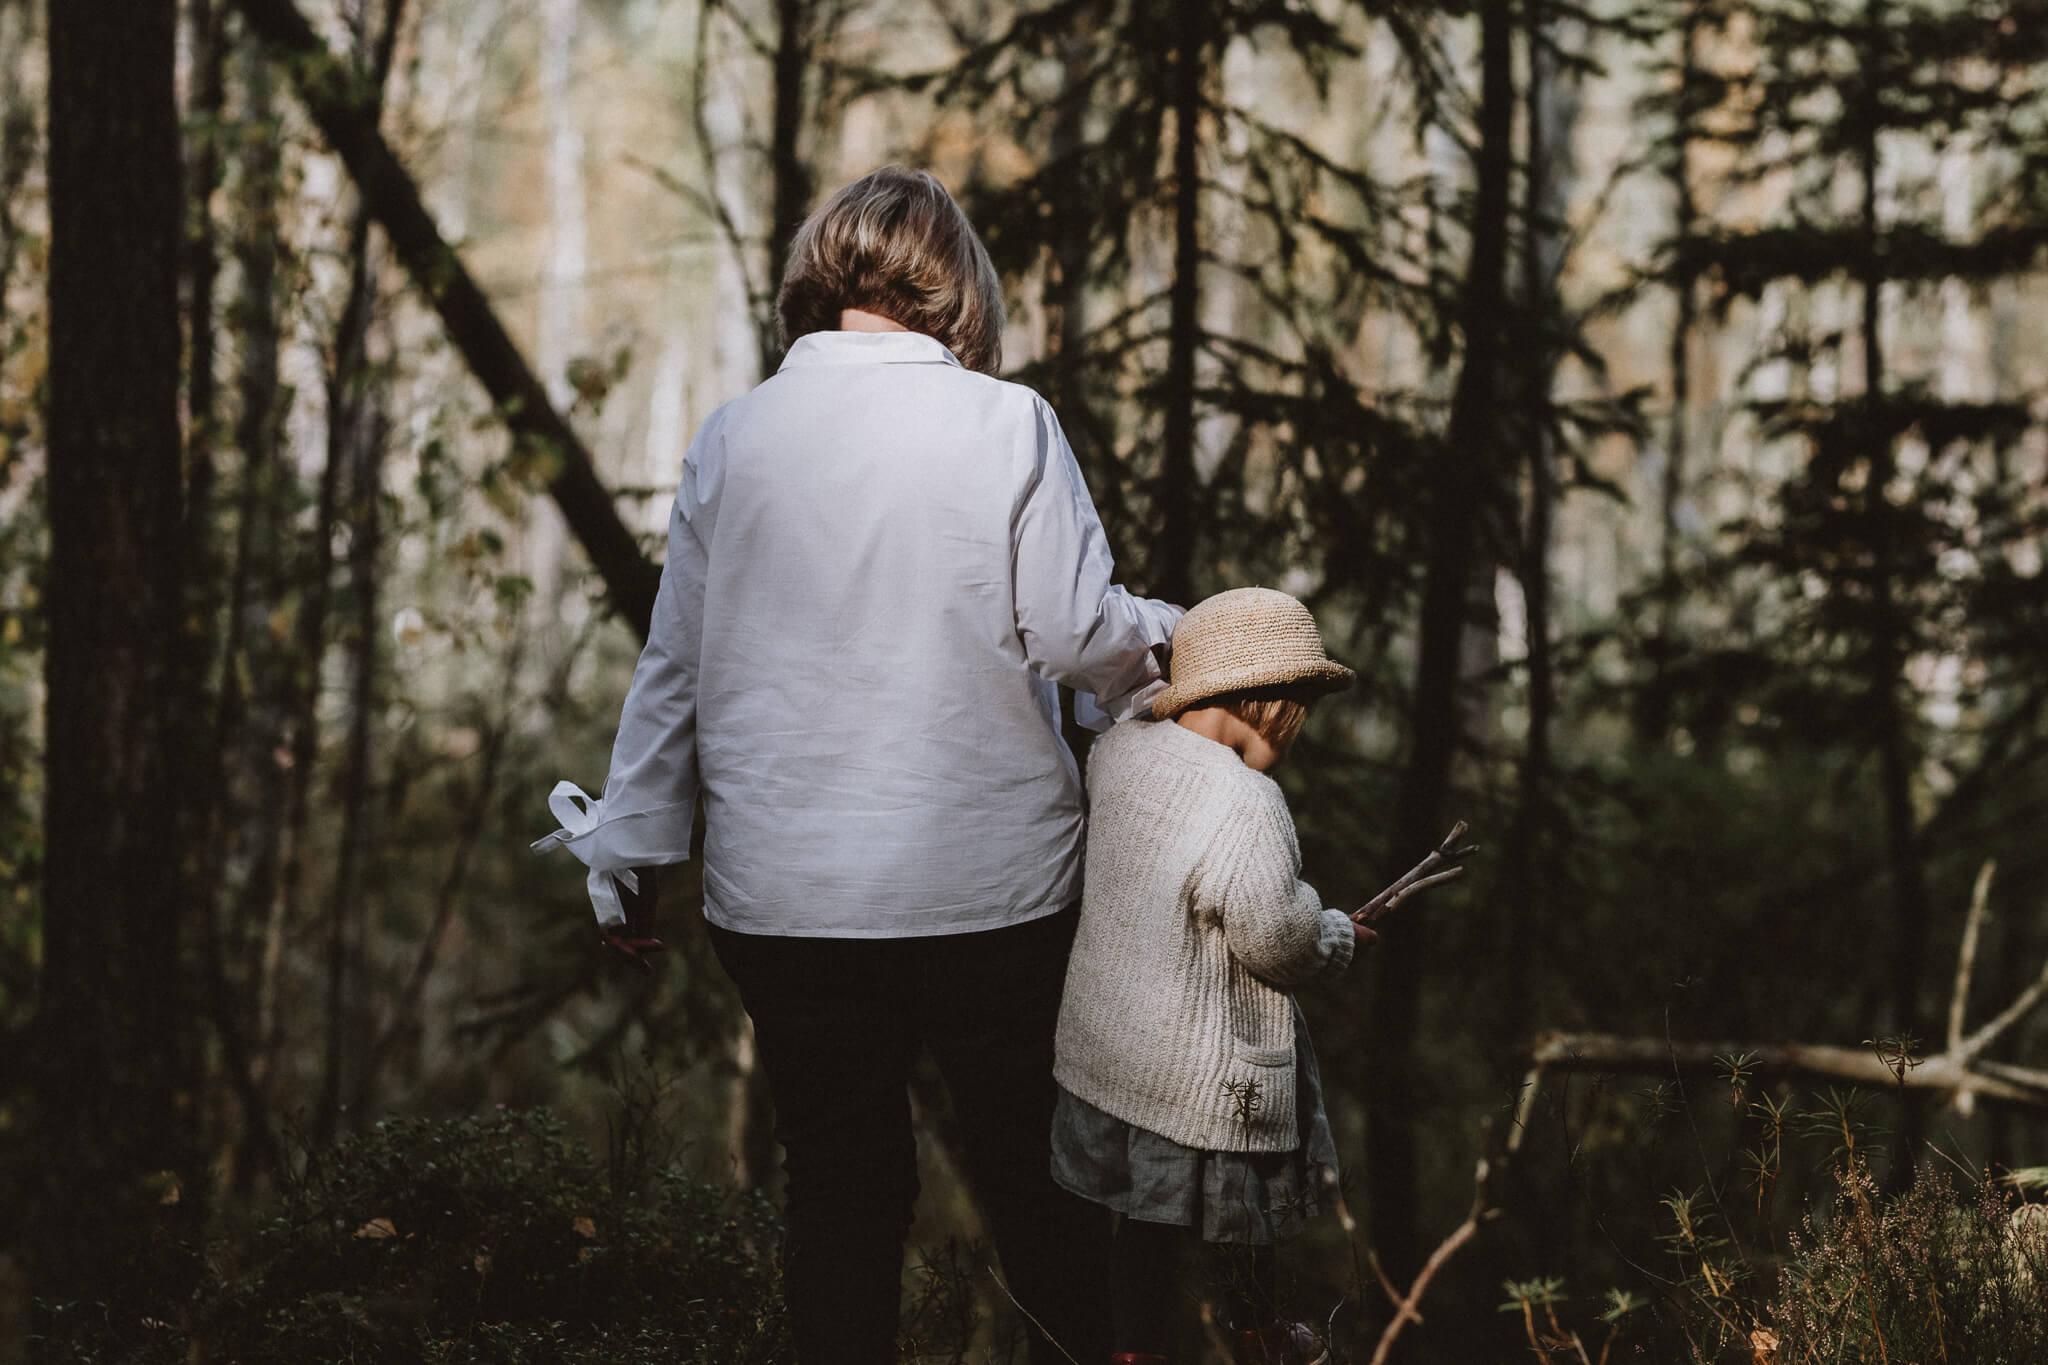 Väike tüdruk ja vanaema jalutavad metsas